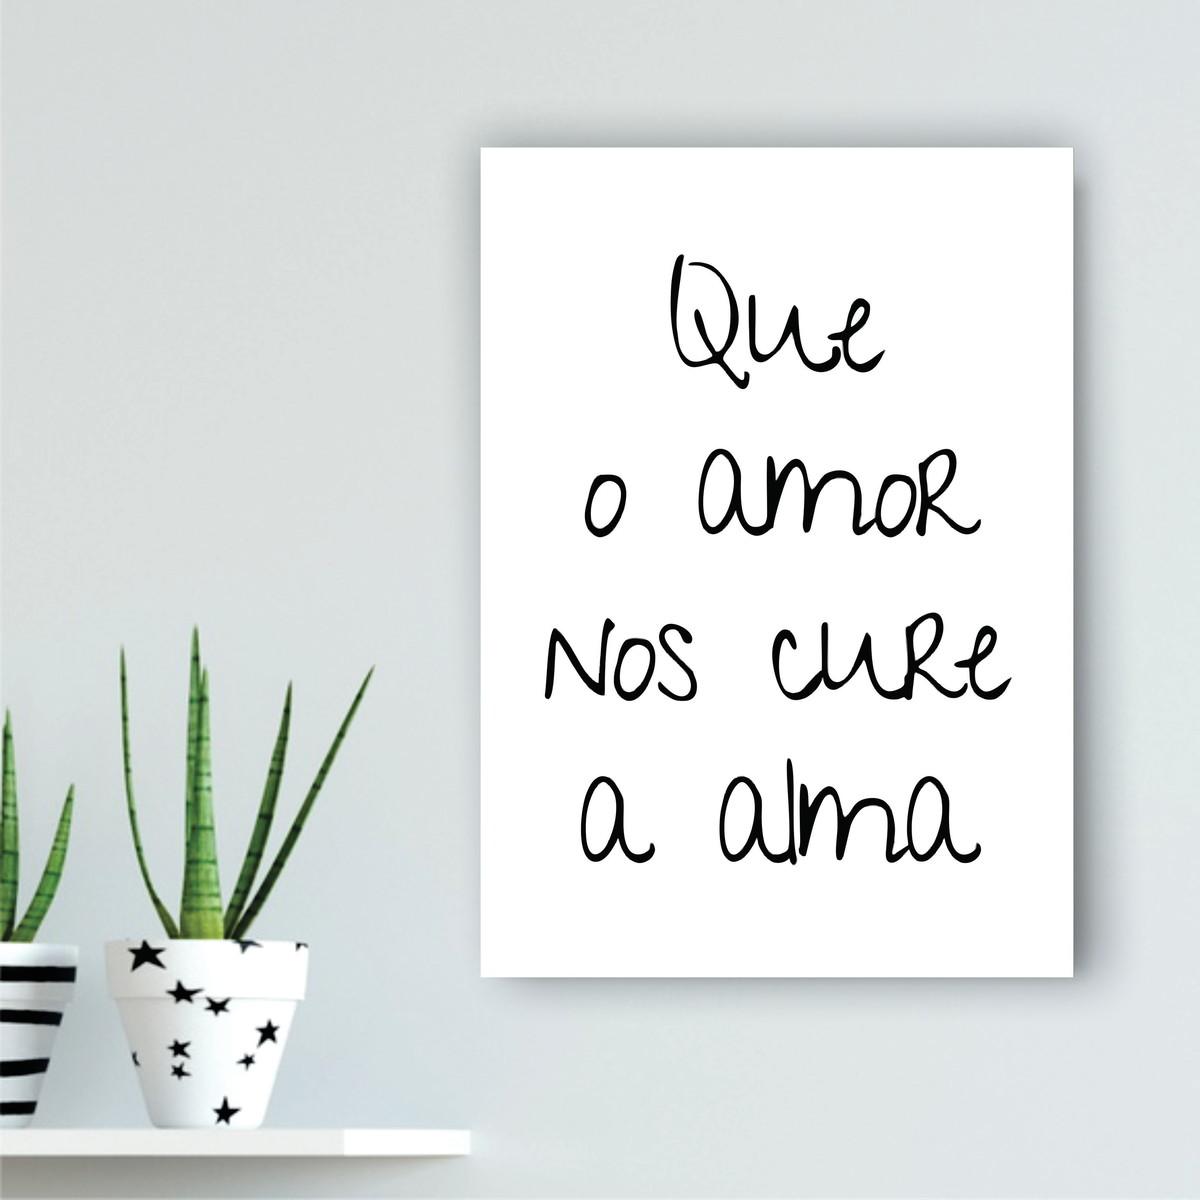 poster que o amor cure tamanho a4 no elo7 wood design quadros c5079e